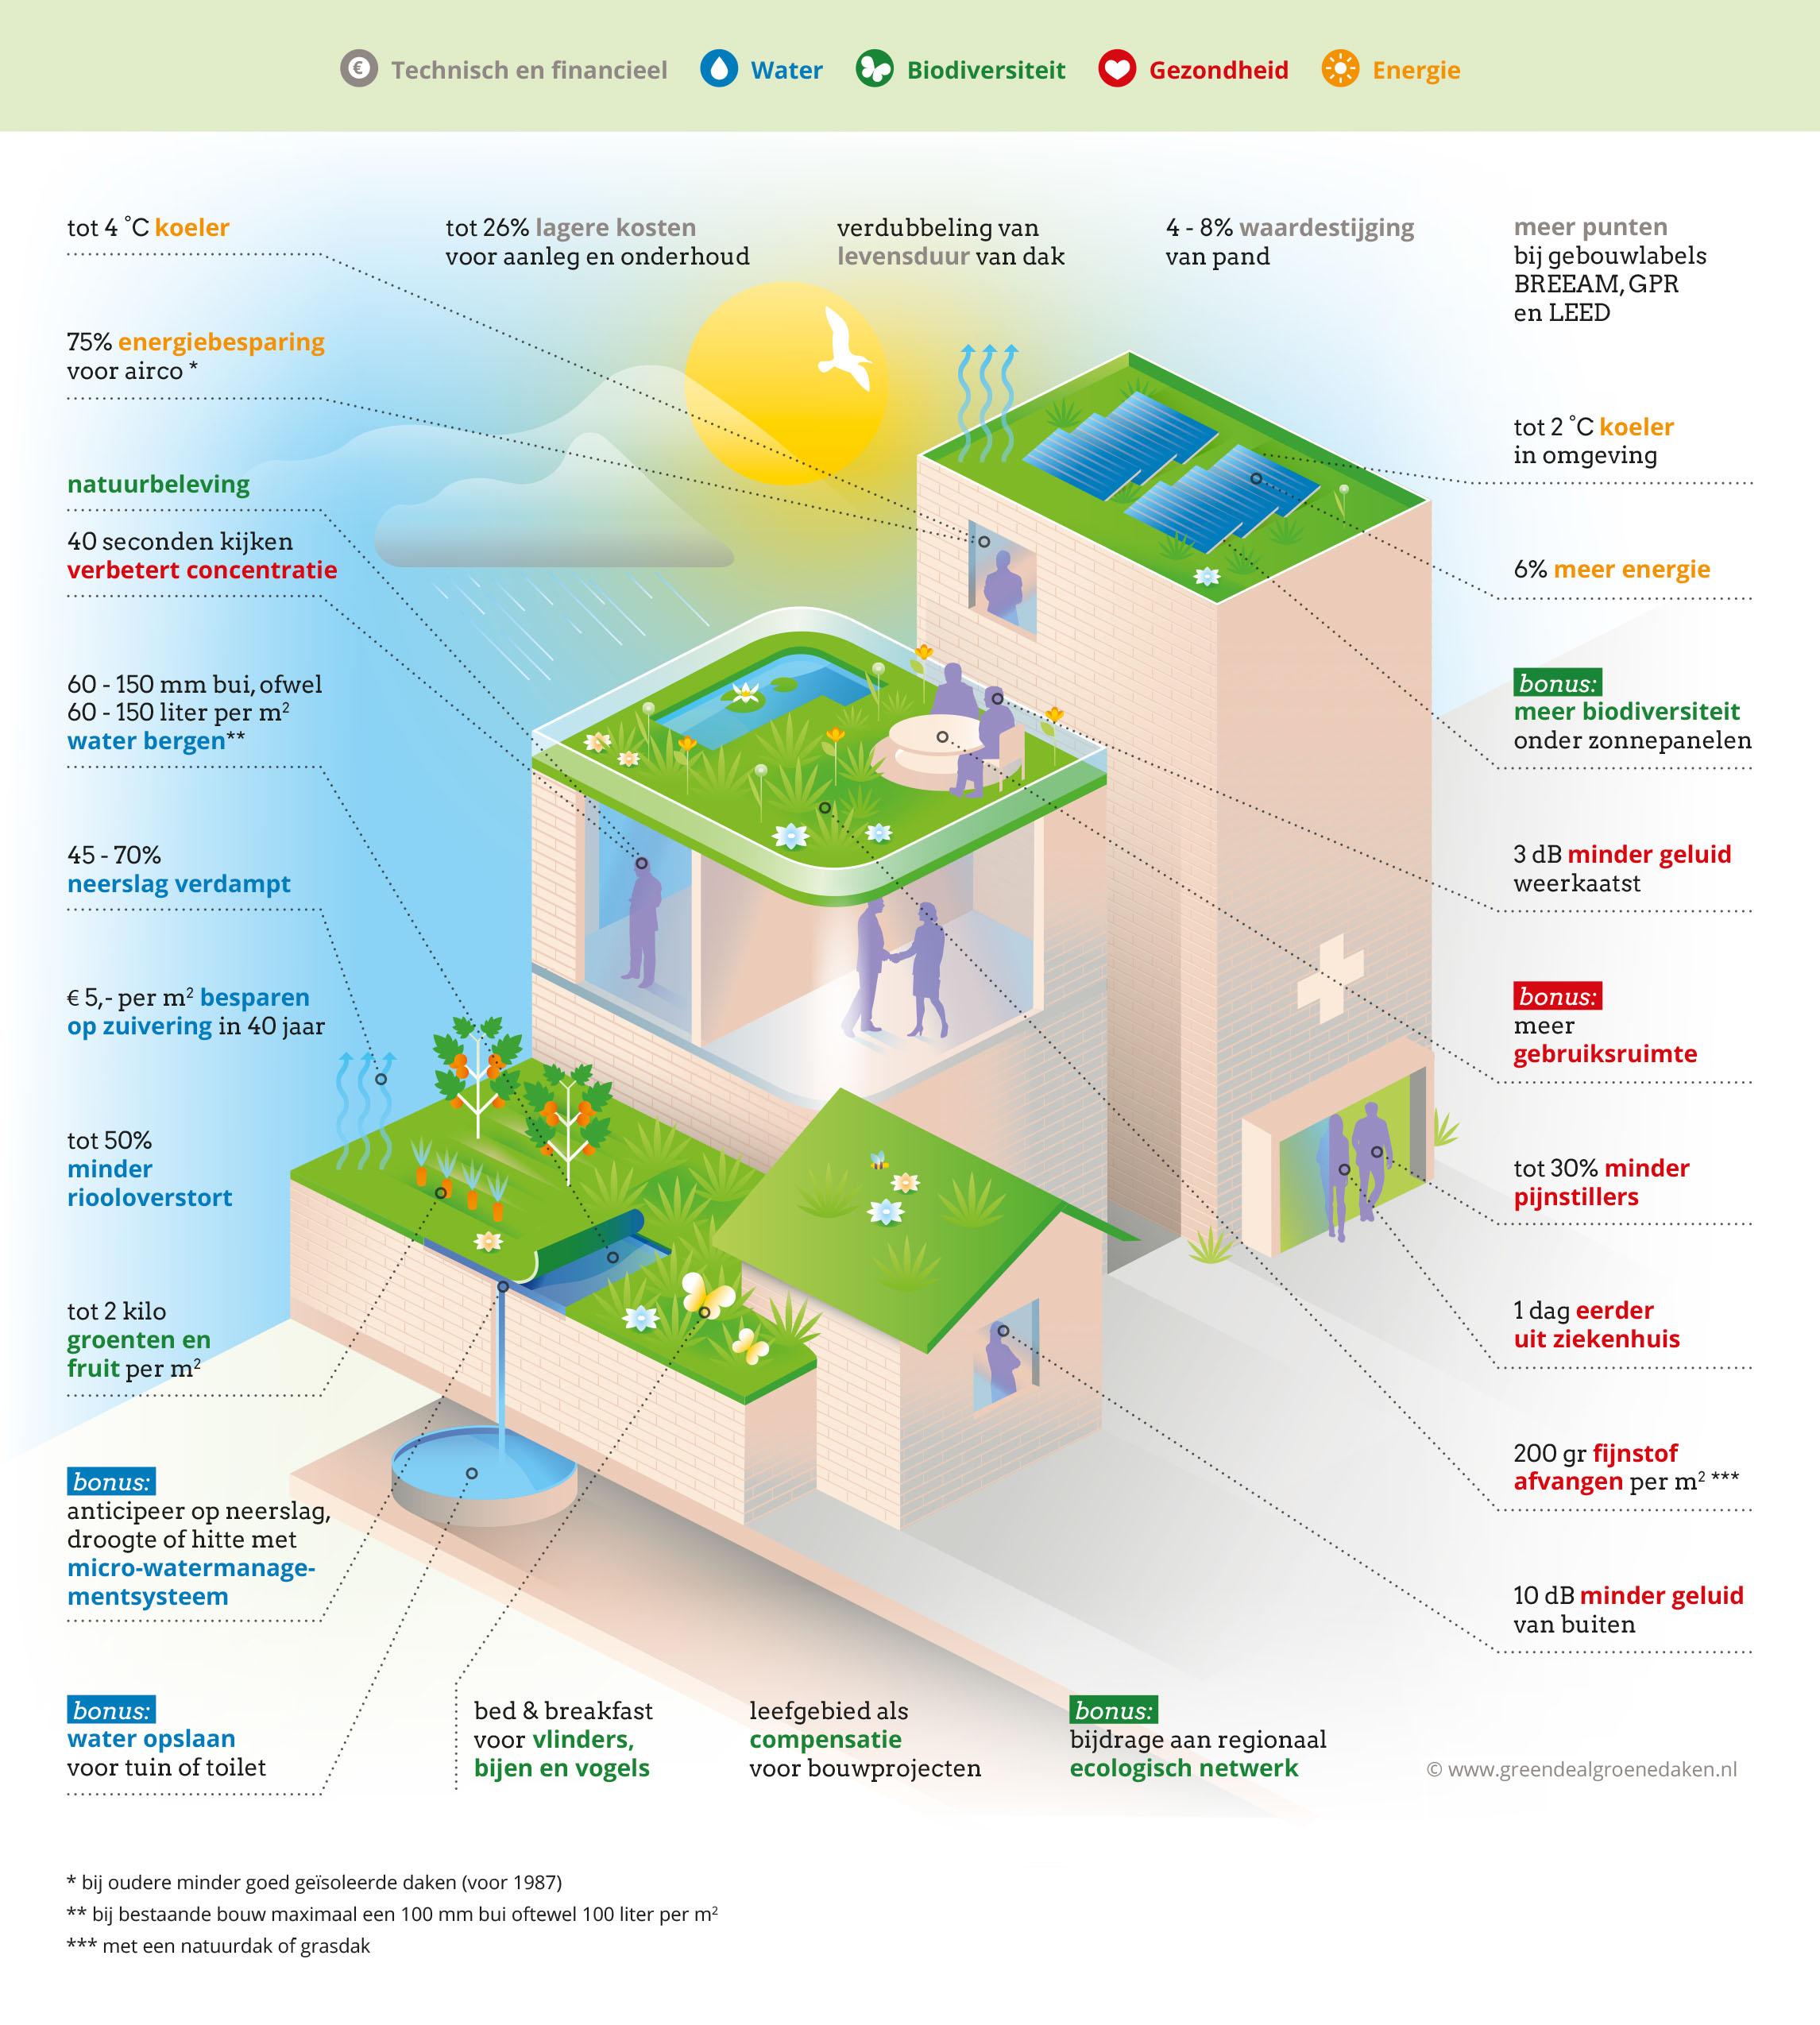 De voordelen van groene daken